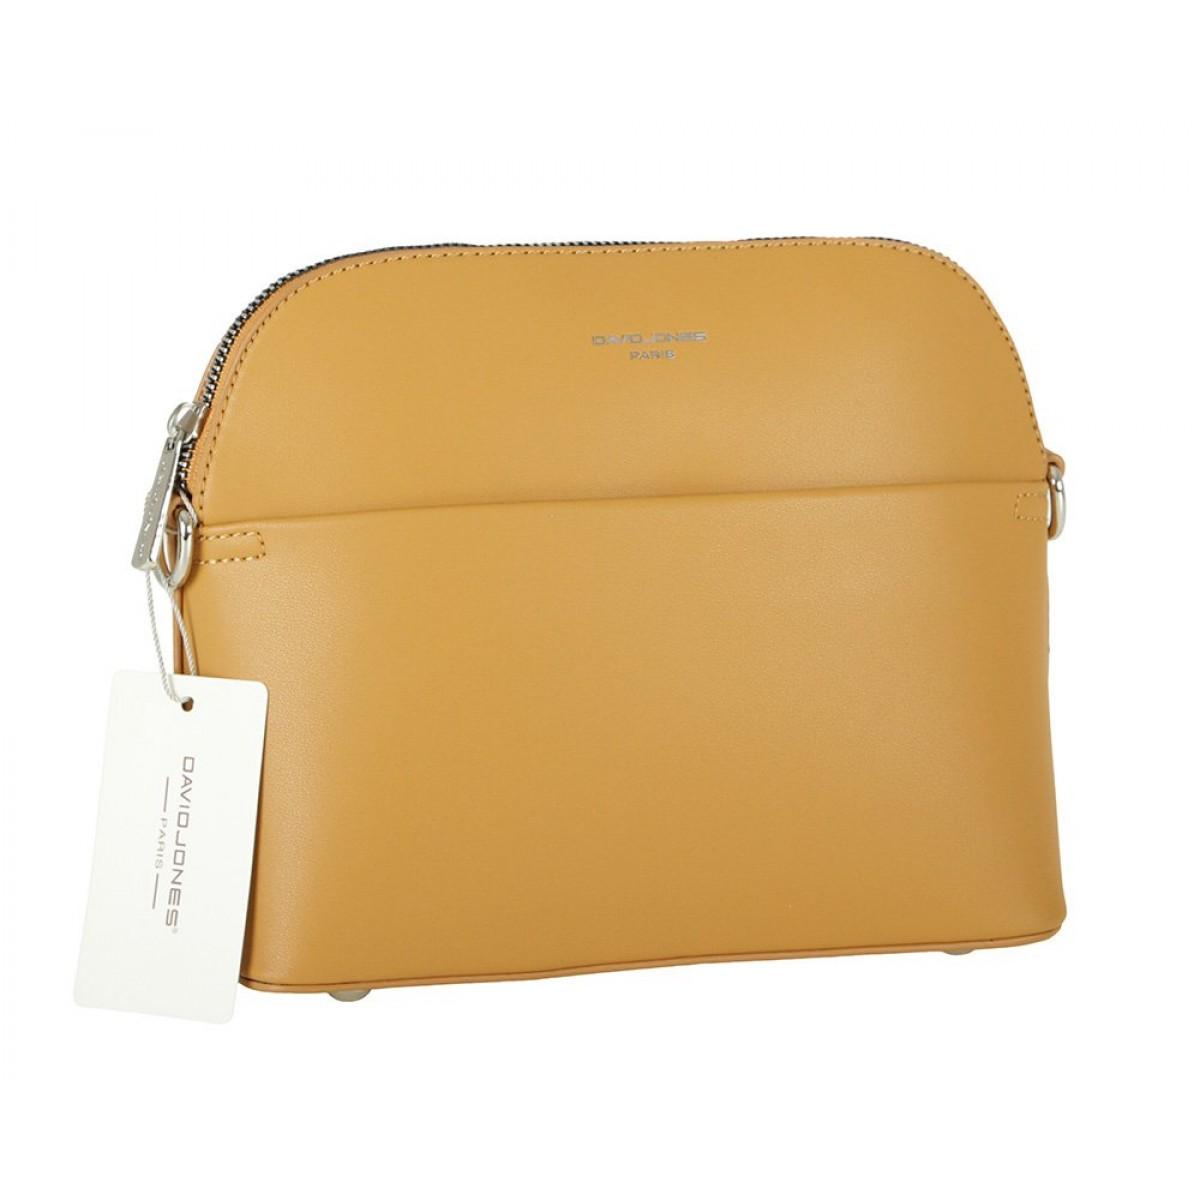 Жіноча сумка David Jones CM5881  YELLOW